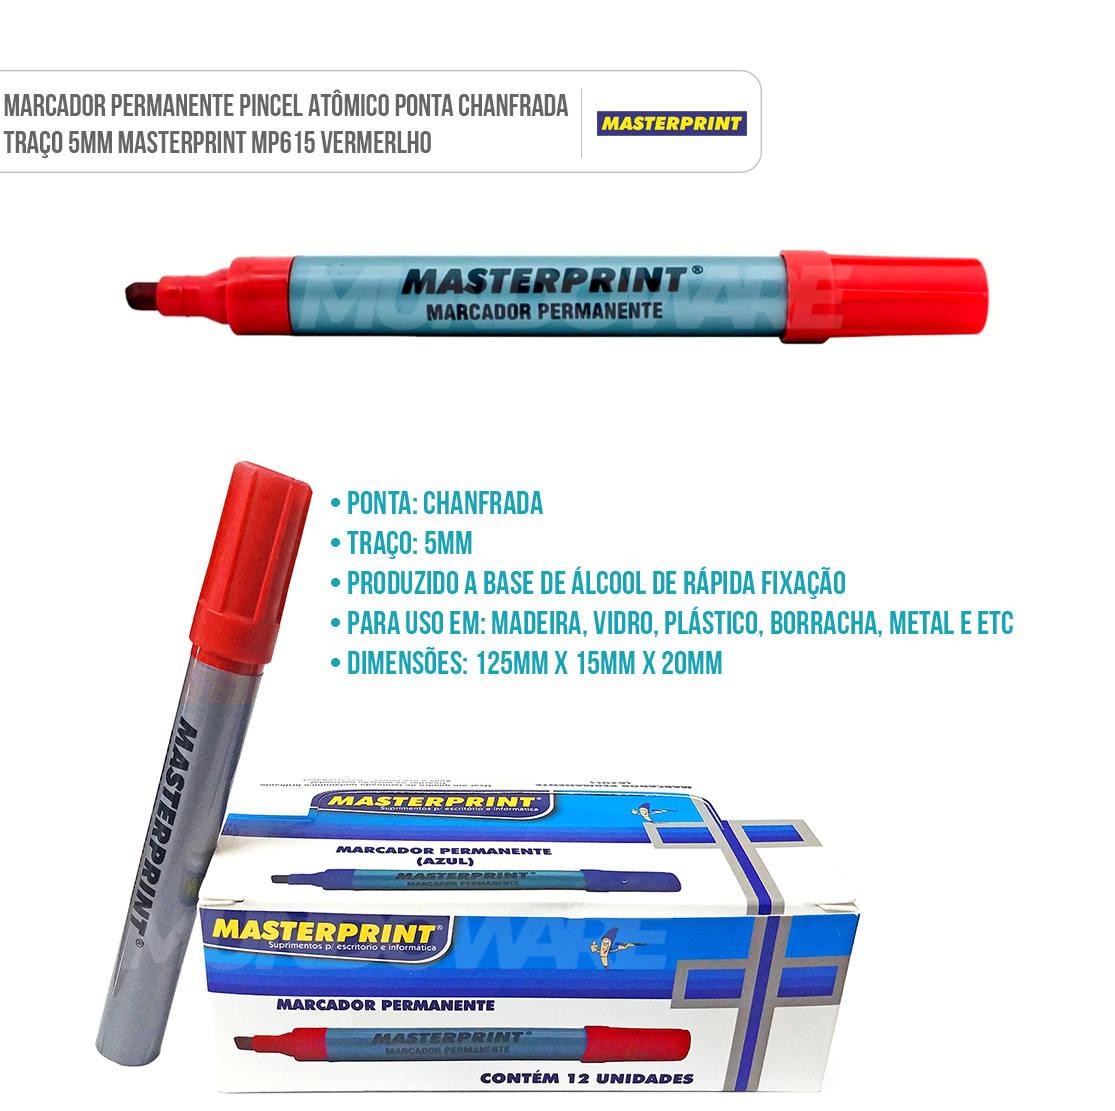 Marcador Permanente Pincel Atômico Ponta Chanfrada Traço 5mm Masterprint MP615 Vermelho